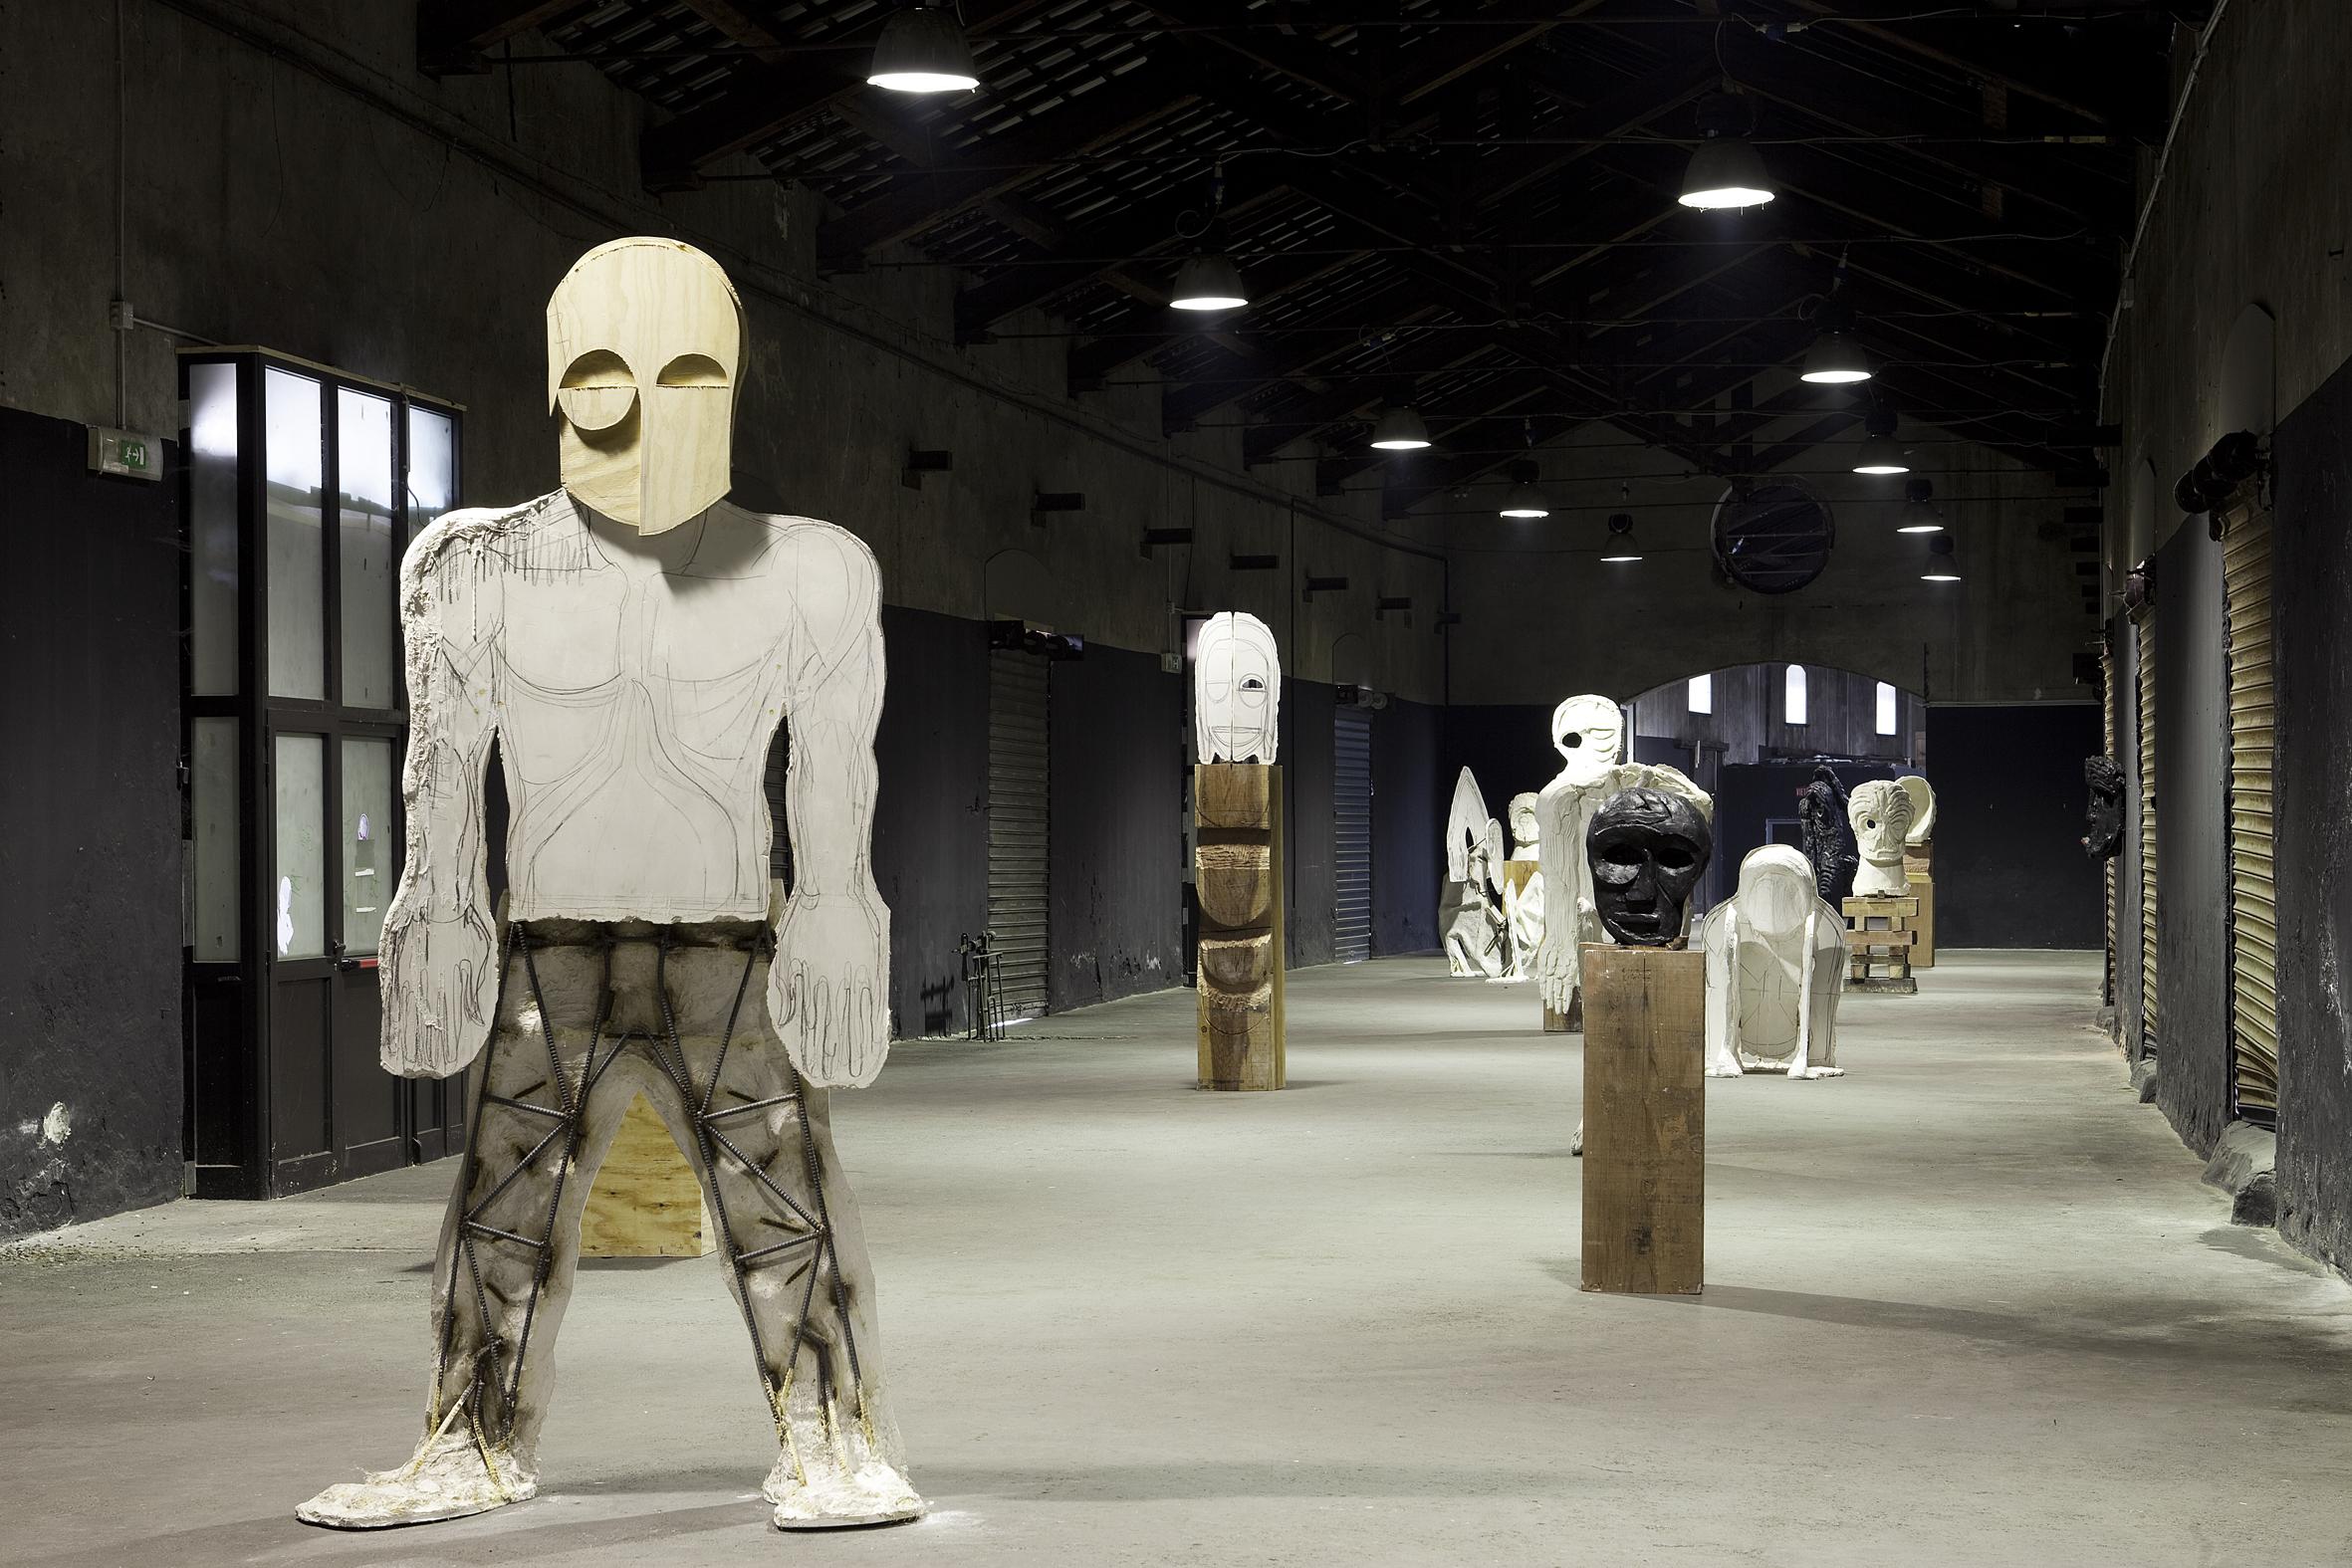 """installation view, Thomas Houseago, """"Ode"""", ZERO... presso i Magazzini di Porta Genova, Milano, 2009 Foto: Jacopo Menzani Courtesy of the artist and ZERO..., Milano"""